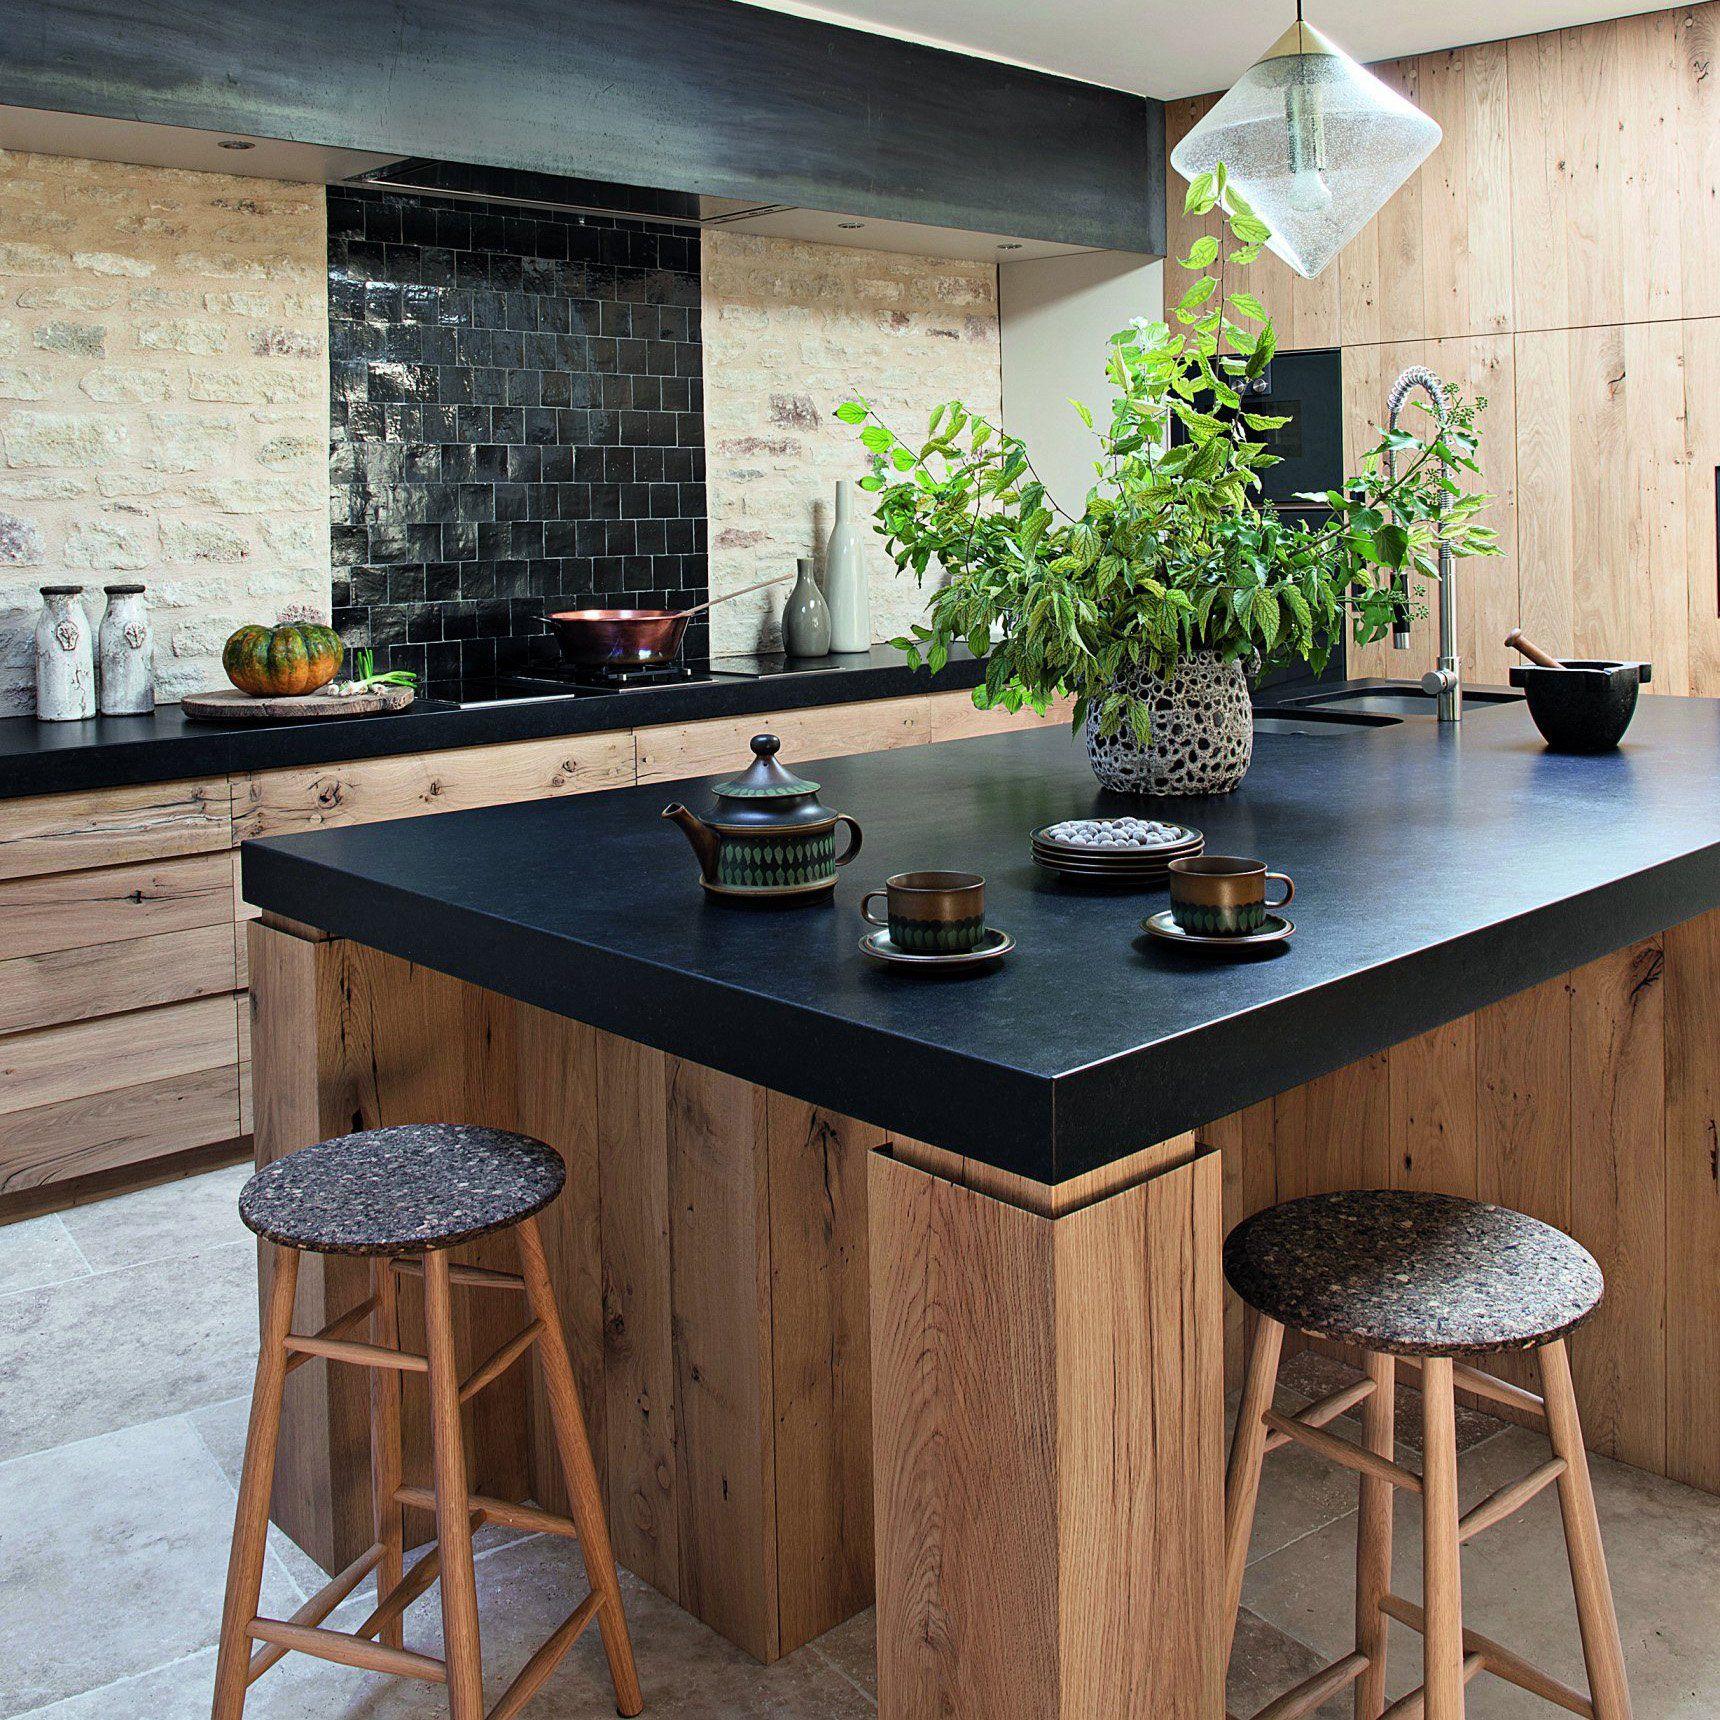 6 exemples de cuisine en bois qui ont adopté le style campagne chic ...